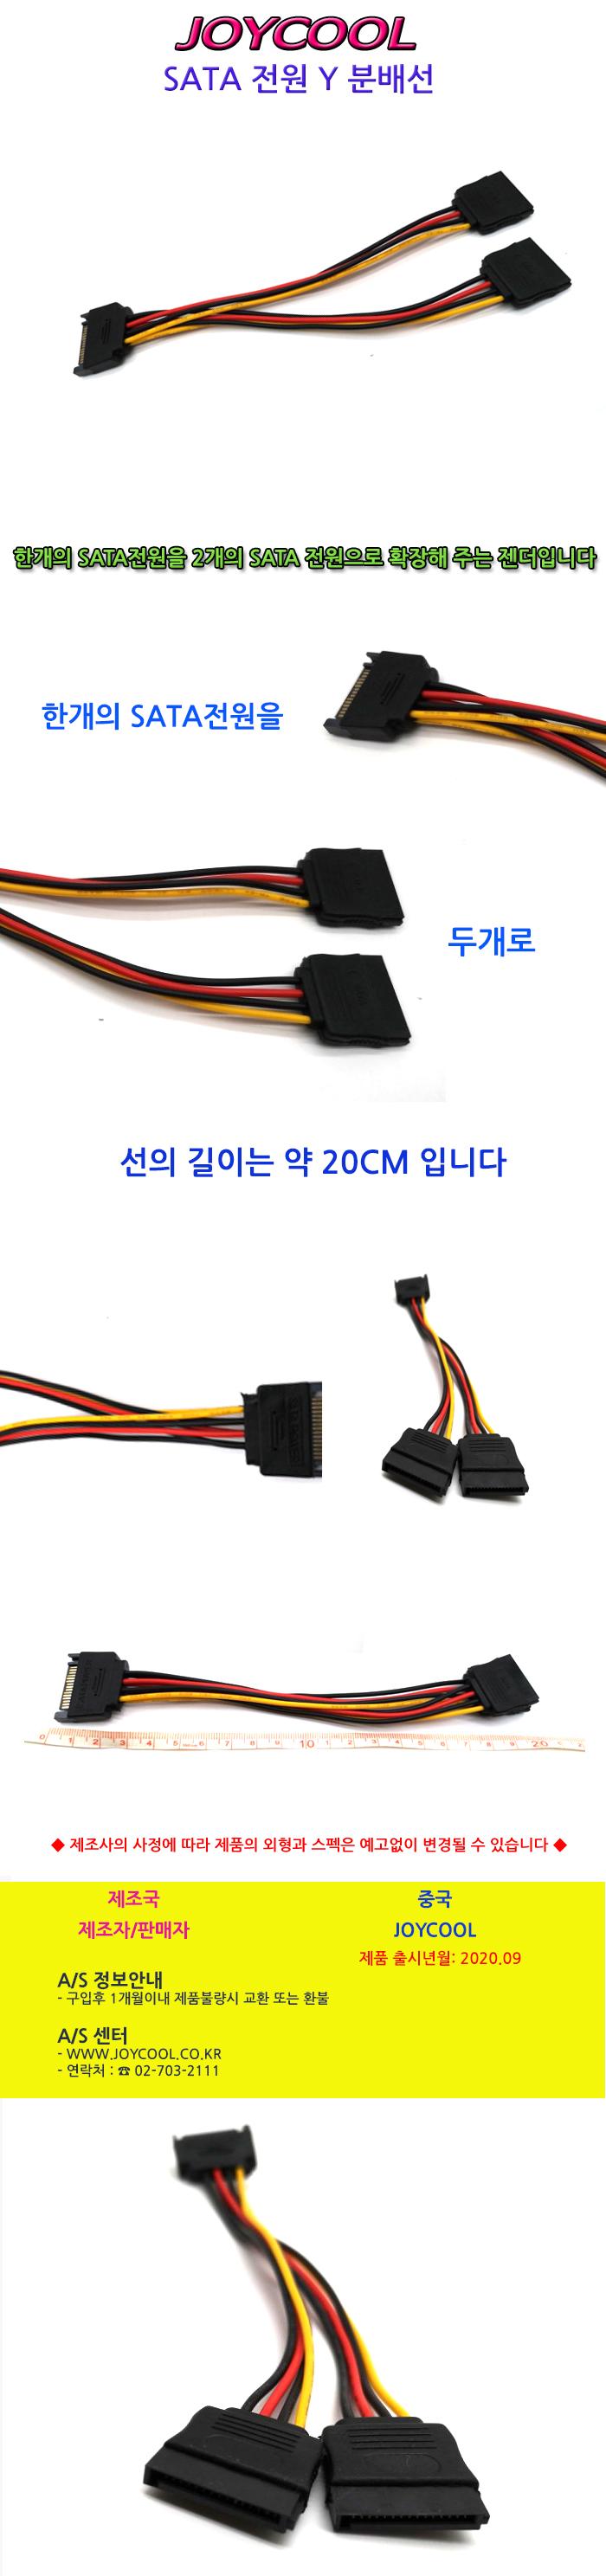 조이쿨 SATA 전원 Y형 케이블 (0.2m)